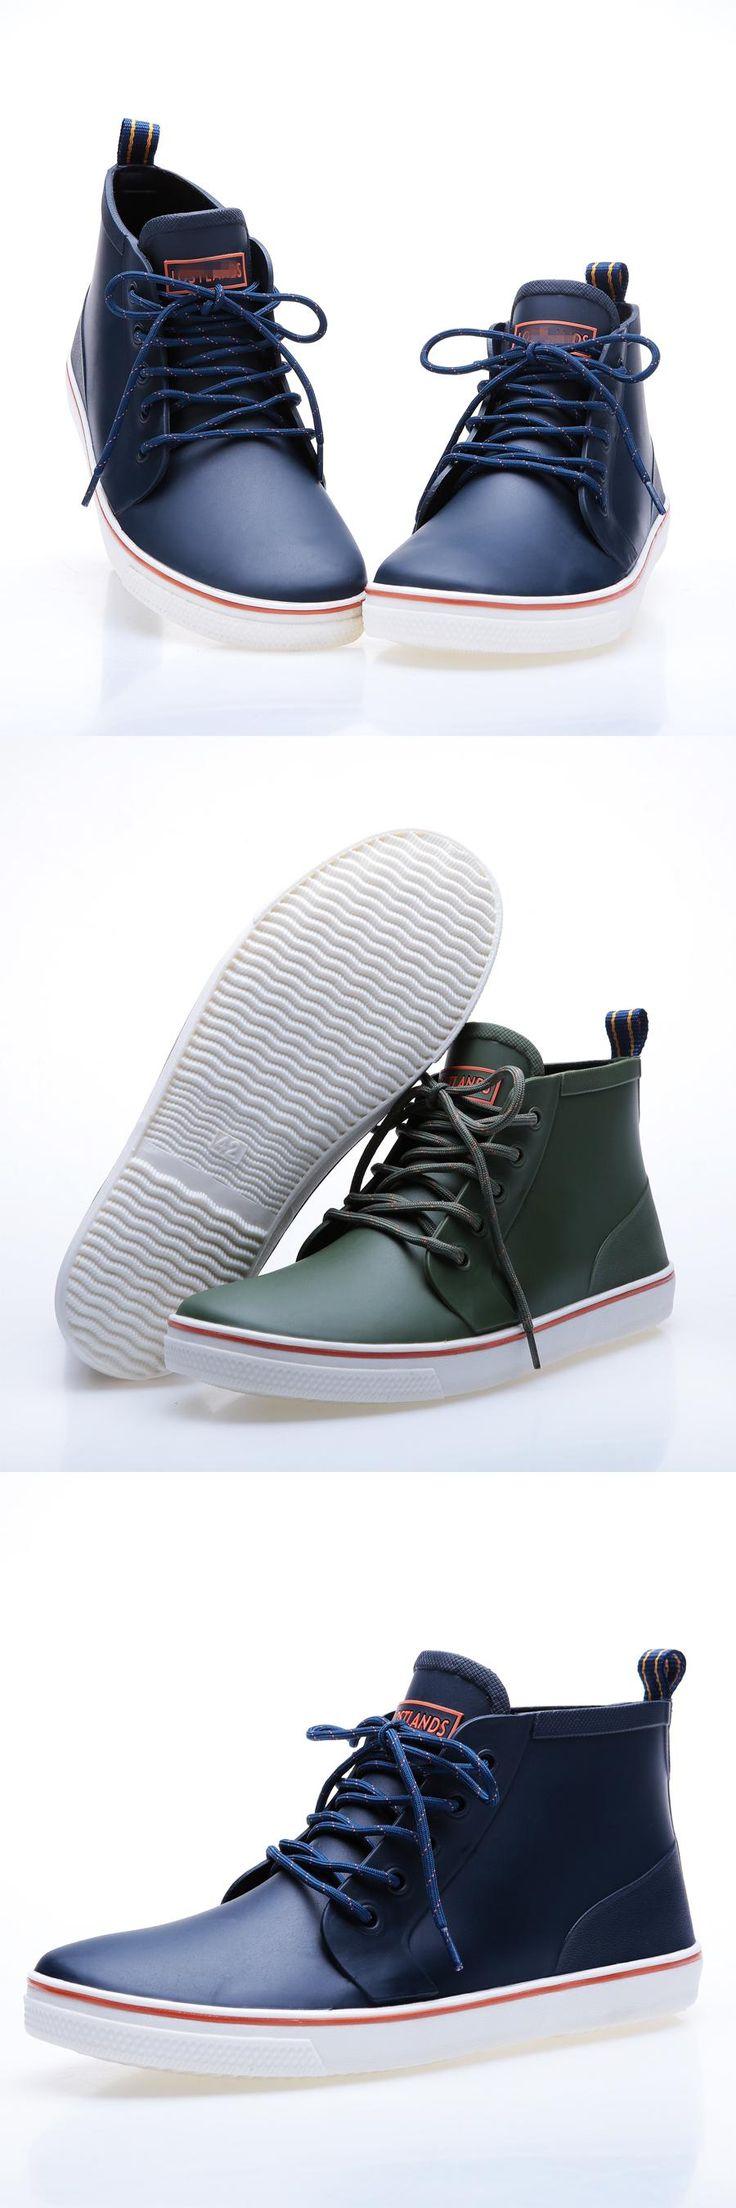 [Visit to Buy] Short Ankle Rain Boots Men Shoes Rubber Black Solid Unisex Soft Water Shoes Gummistiefel Rainboots Zapatillas Deportivas Hombre #Advertisement